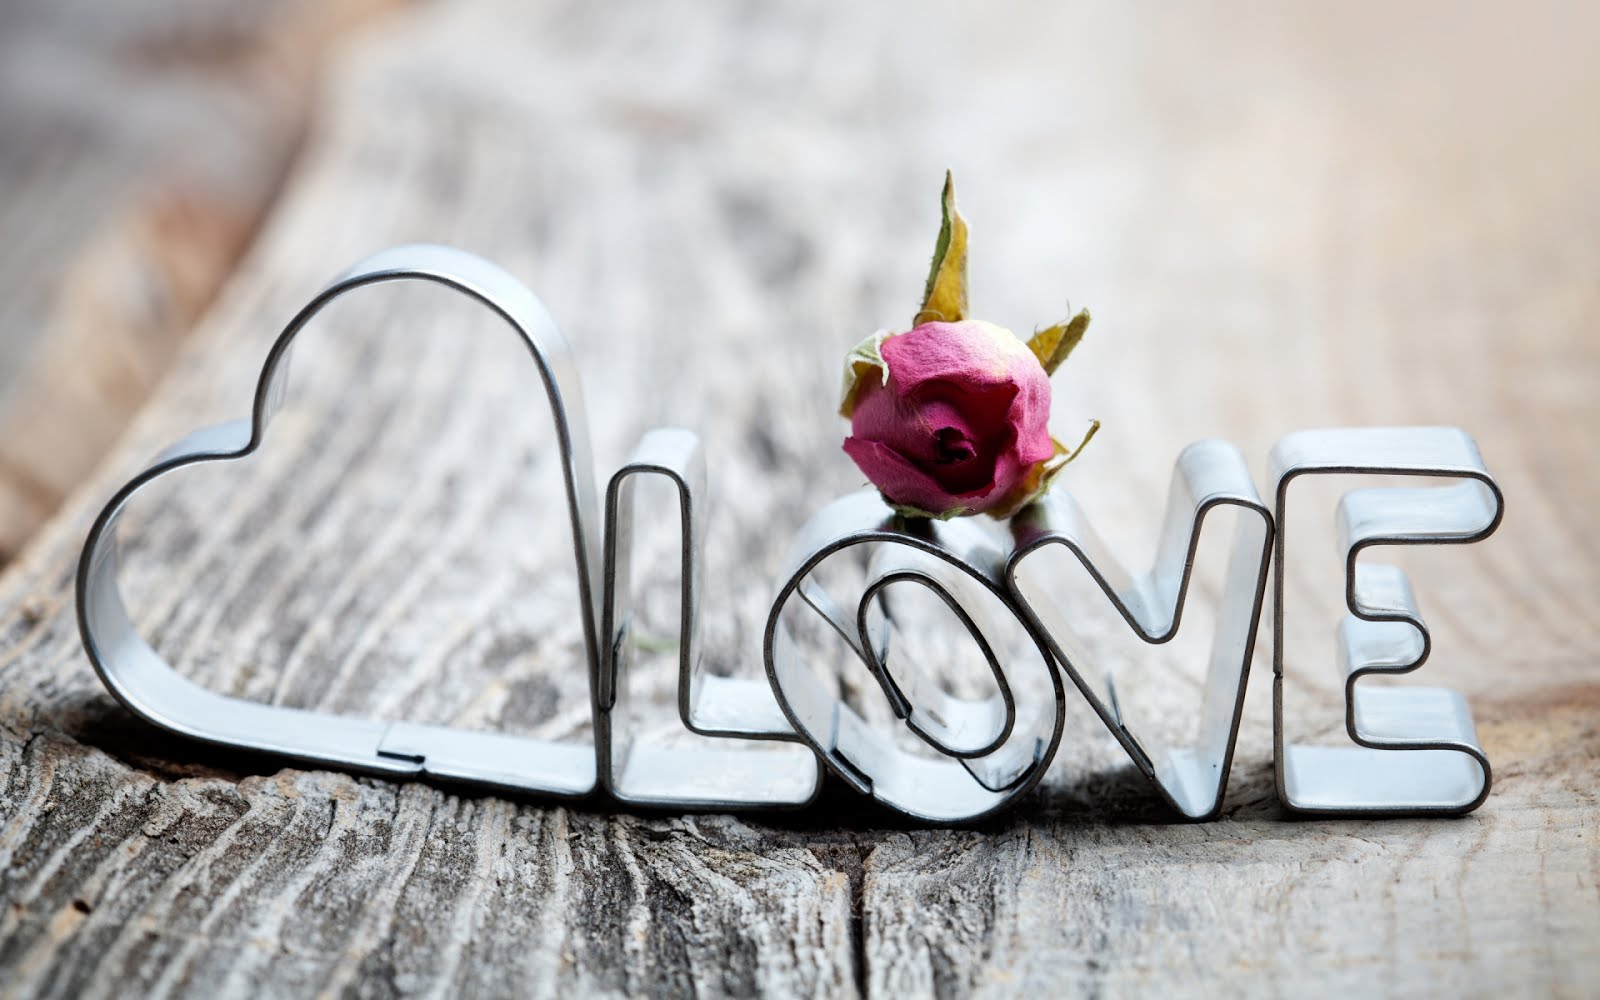 Código HTML | Compartir en Facebook | Ver más Imágenes de Amor